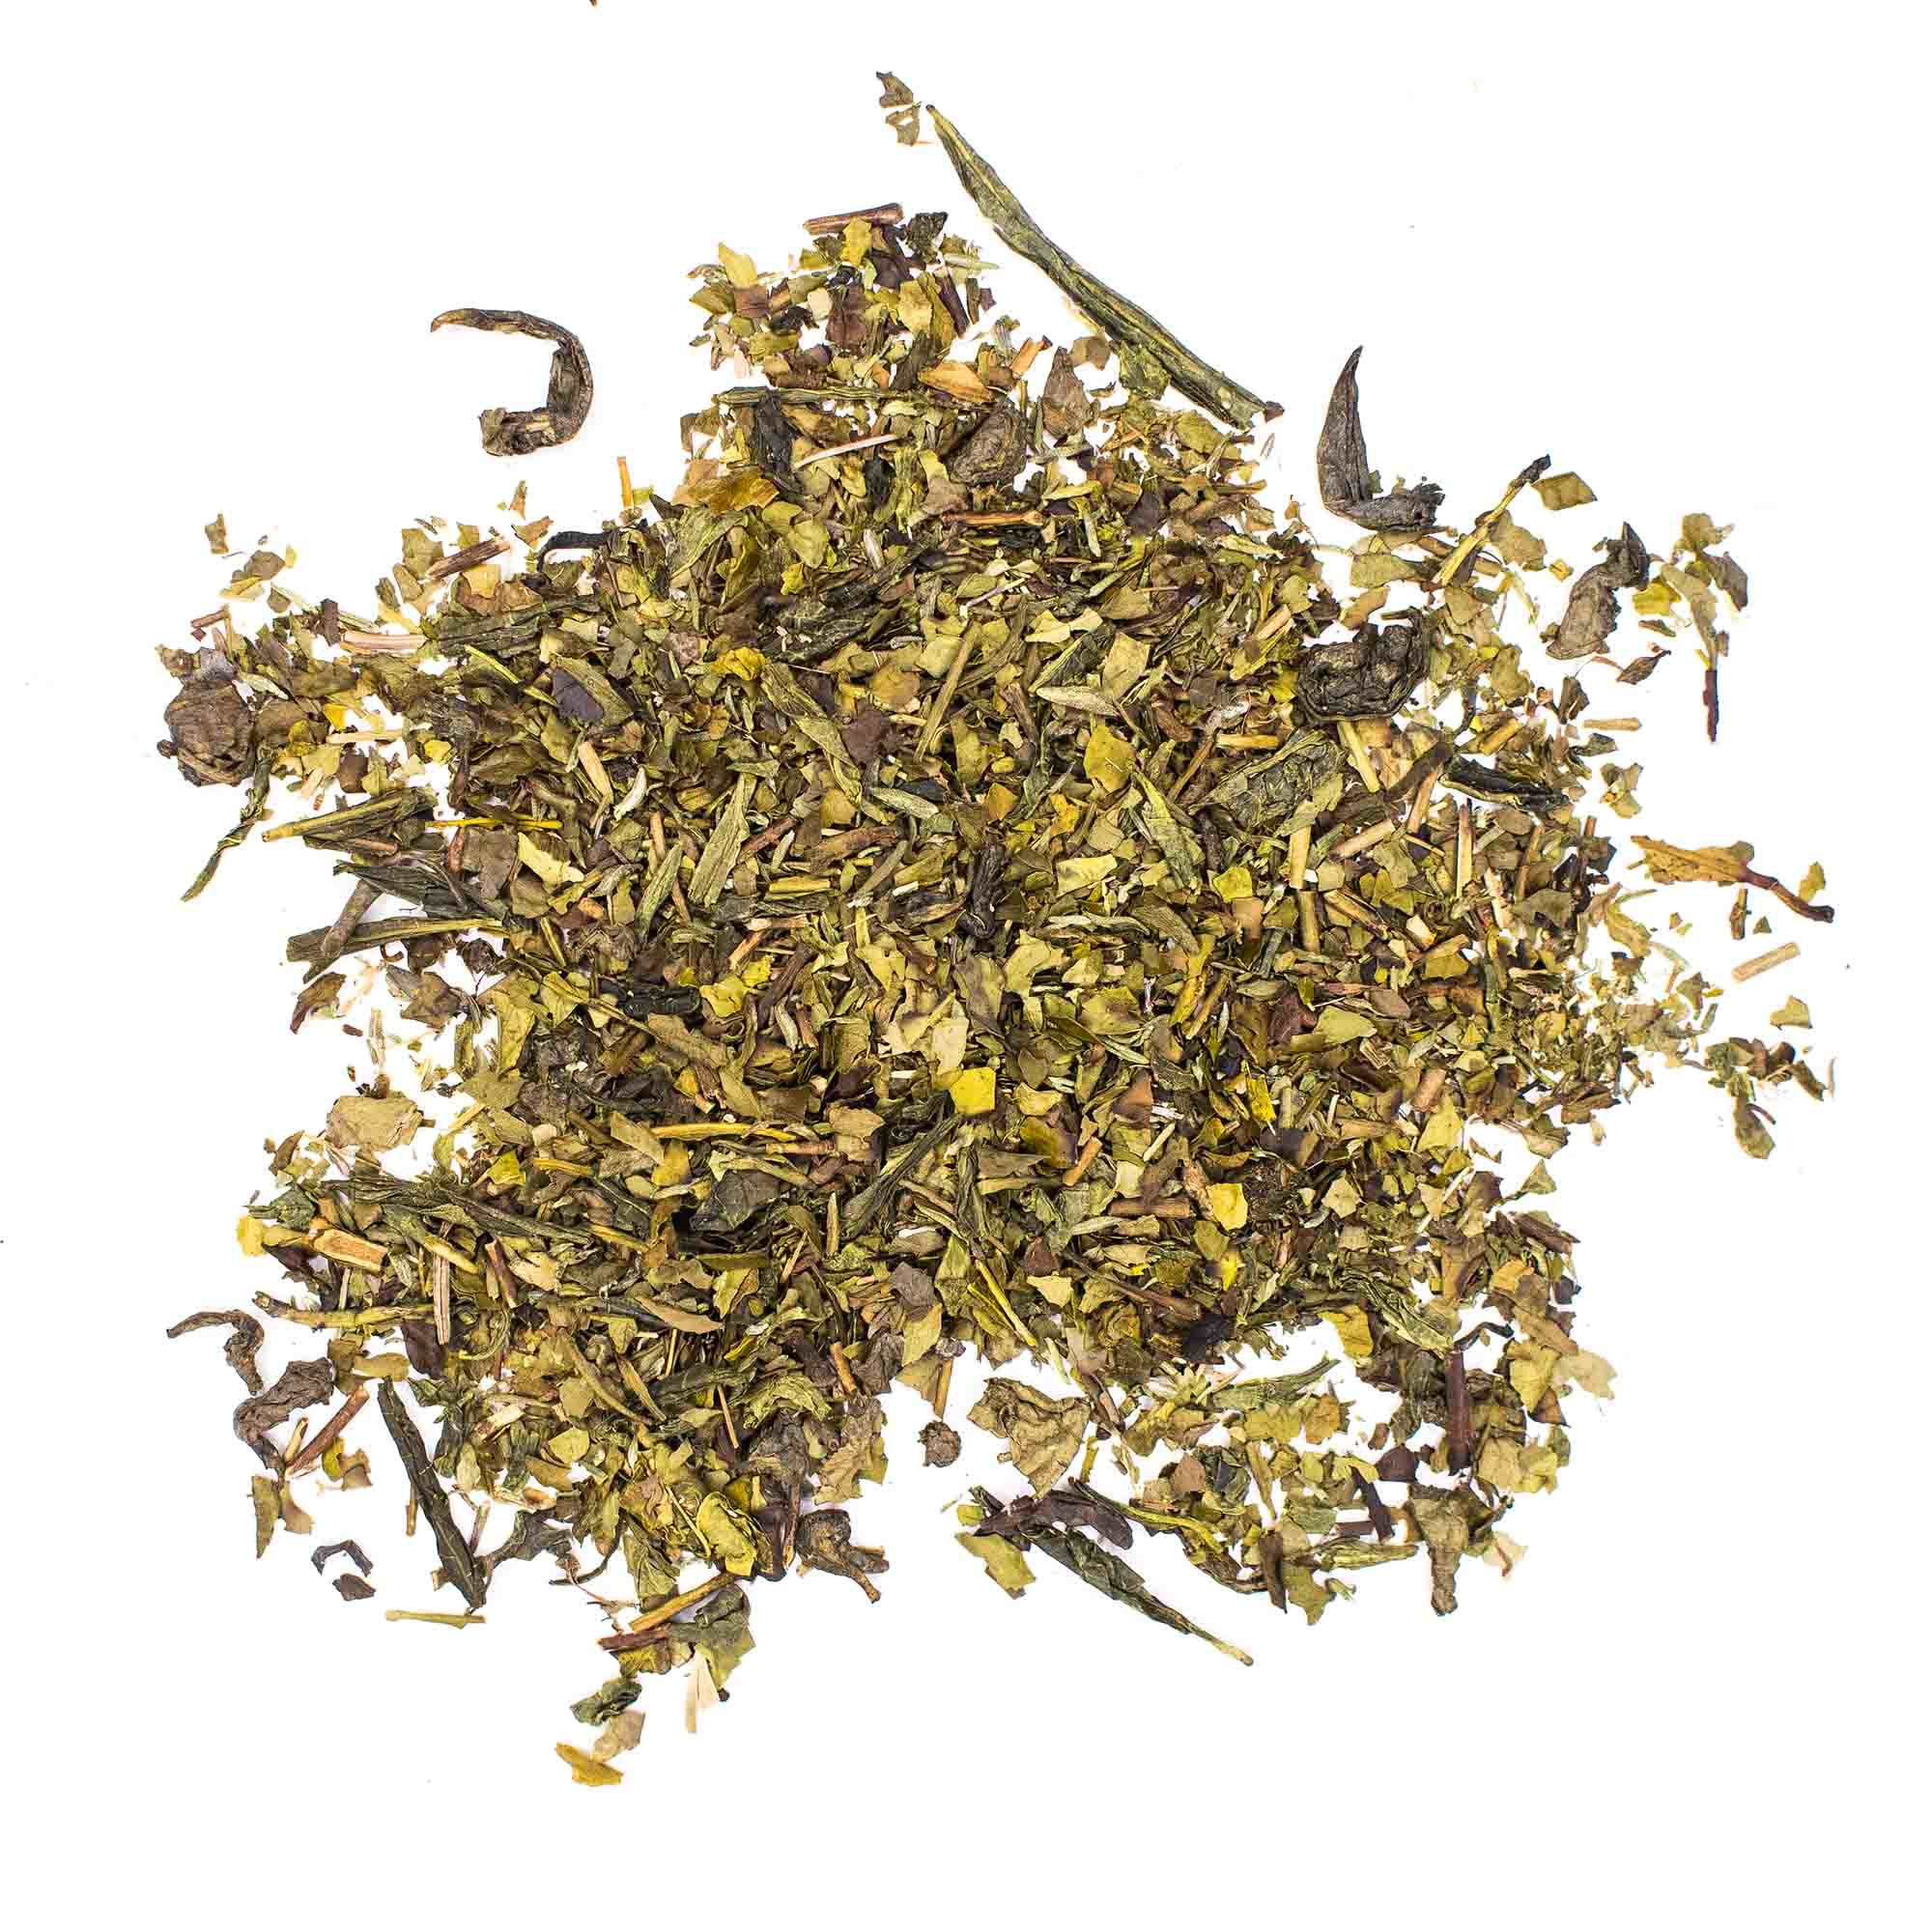 """Зеленый чай """"Зелёный с чабрецом"""" 100гр зелёный чай с добавками chayzelenyischabrecom-teastar.com.jpg"""